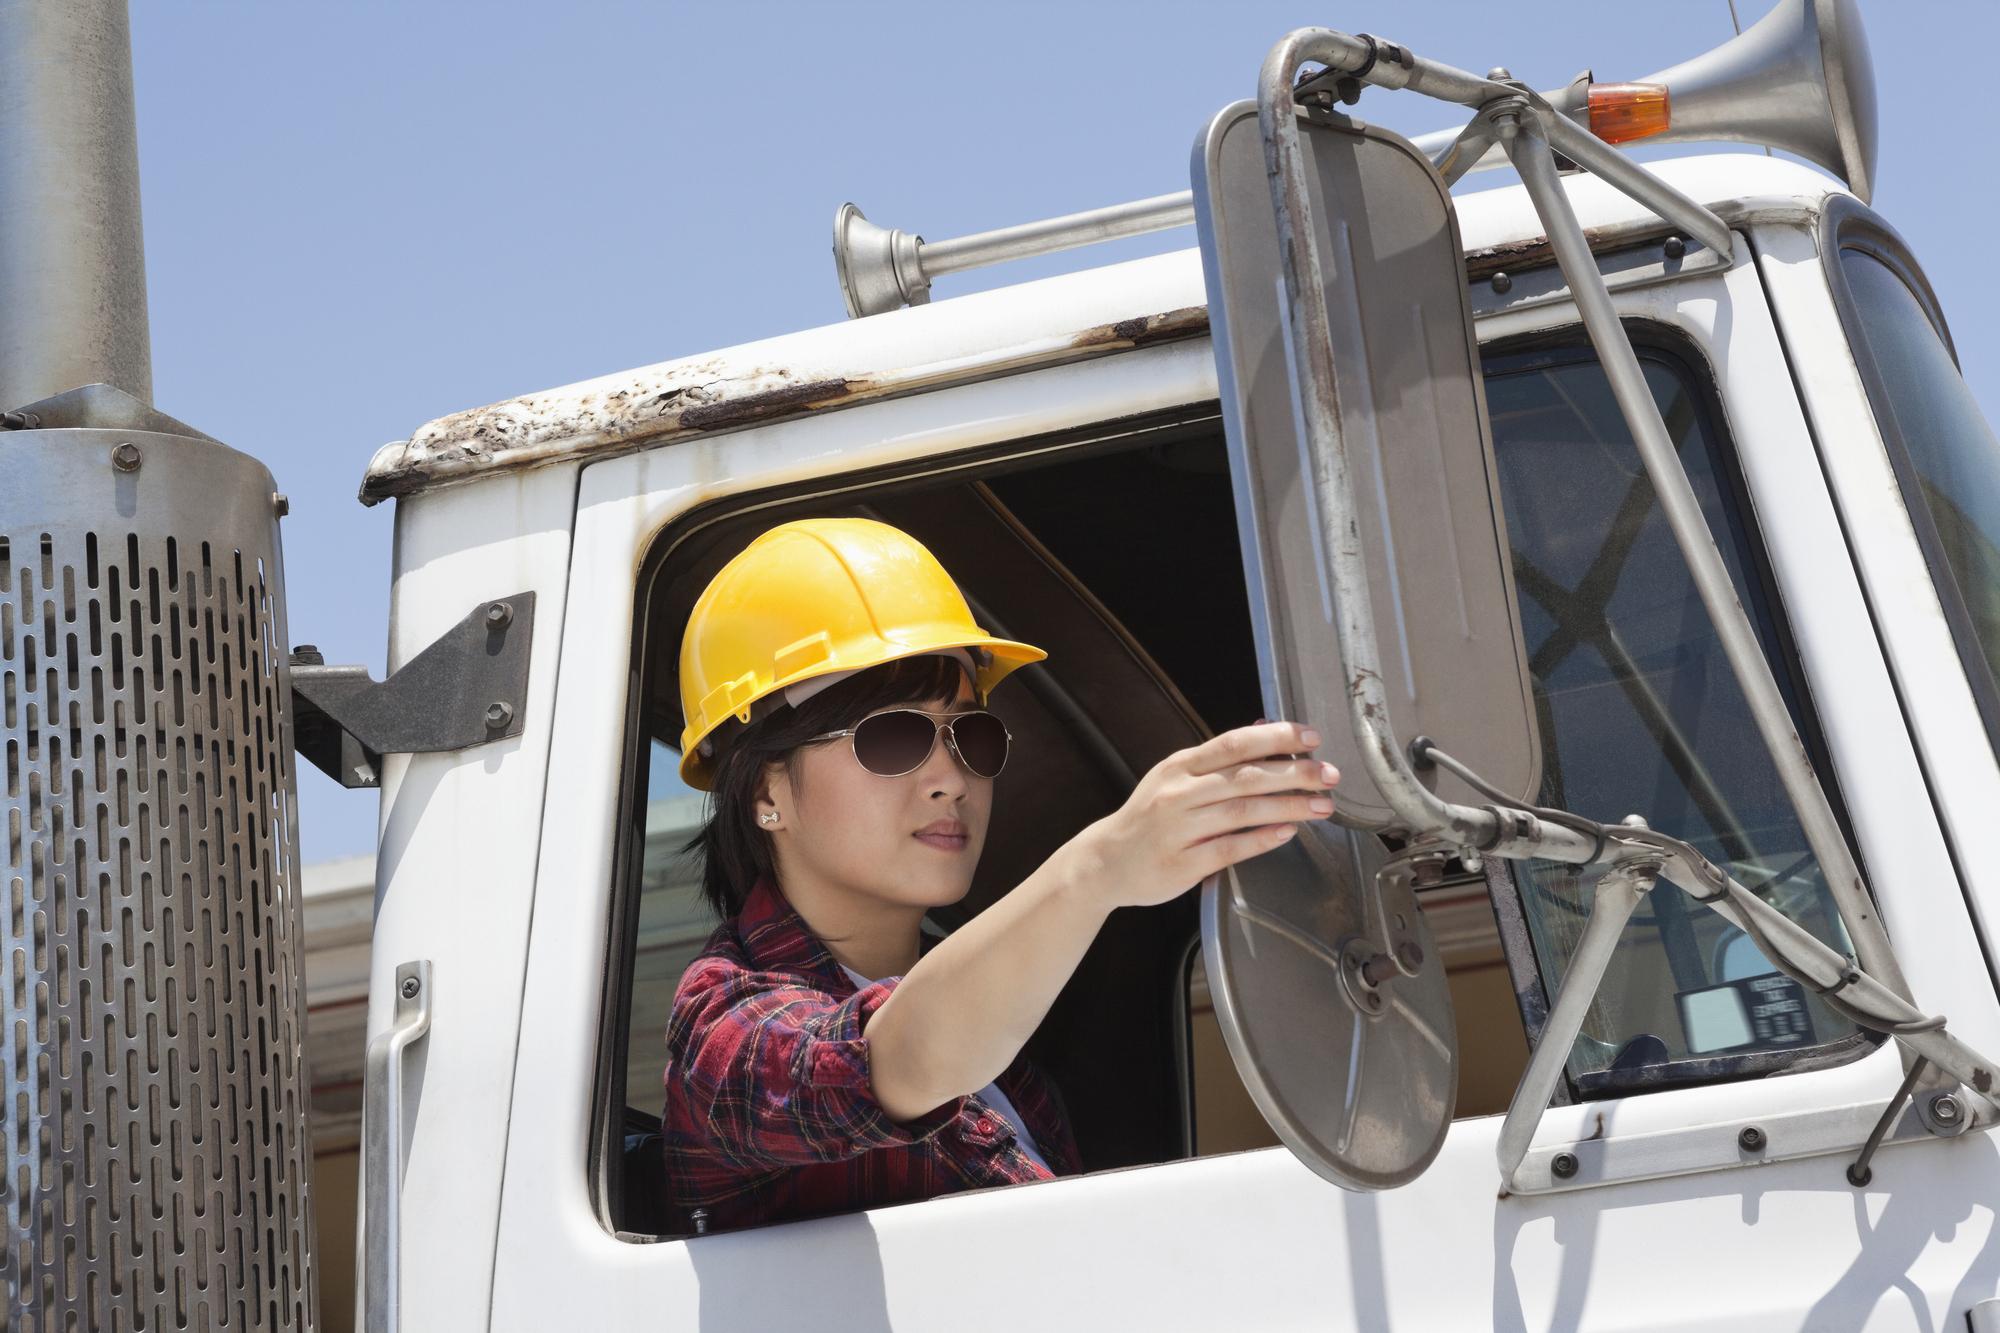 A woman drives a semi truck